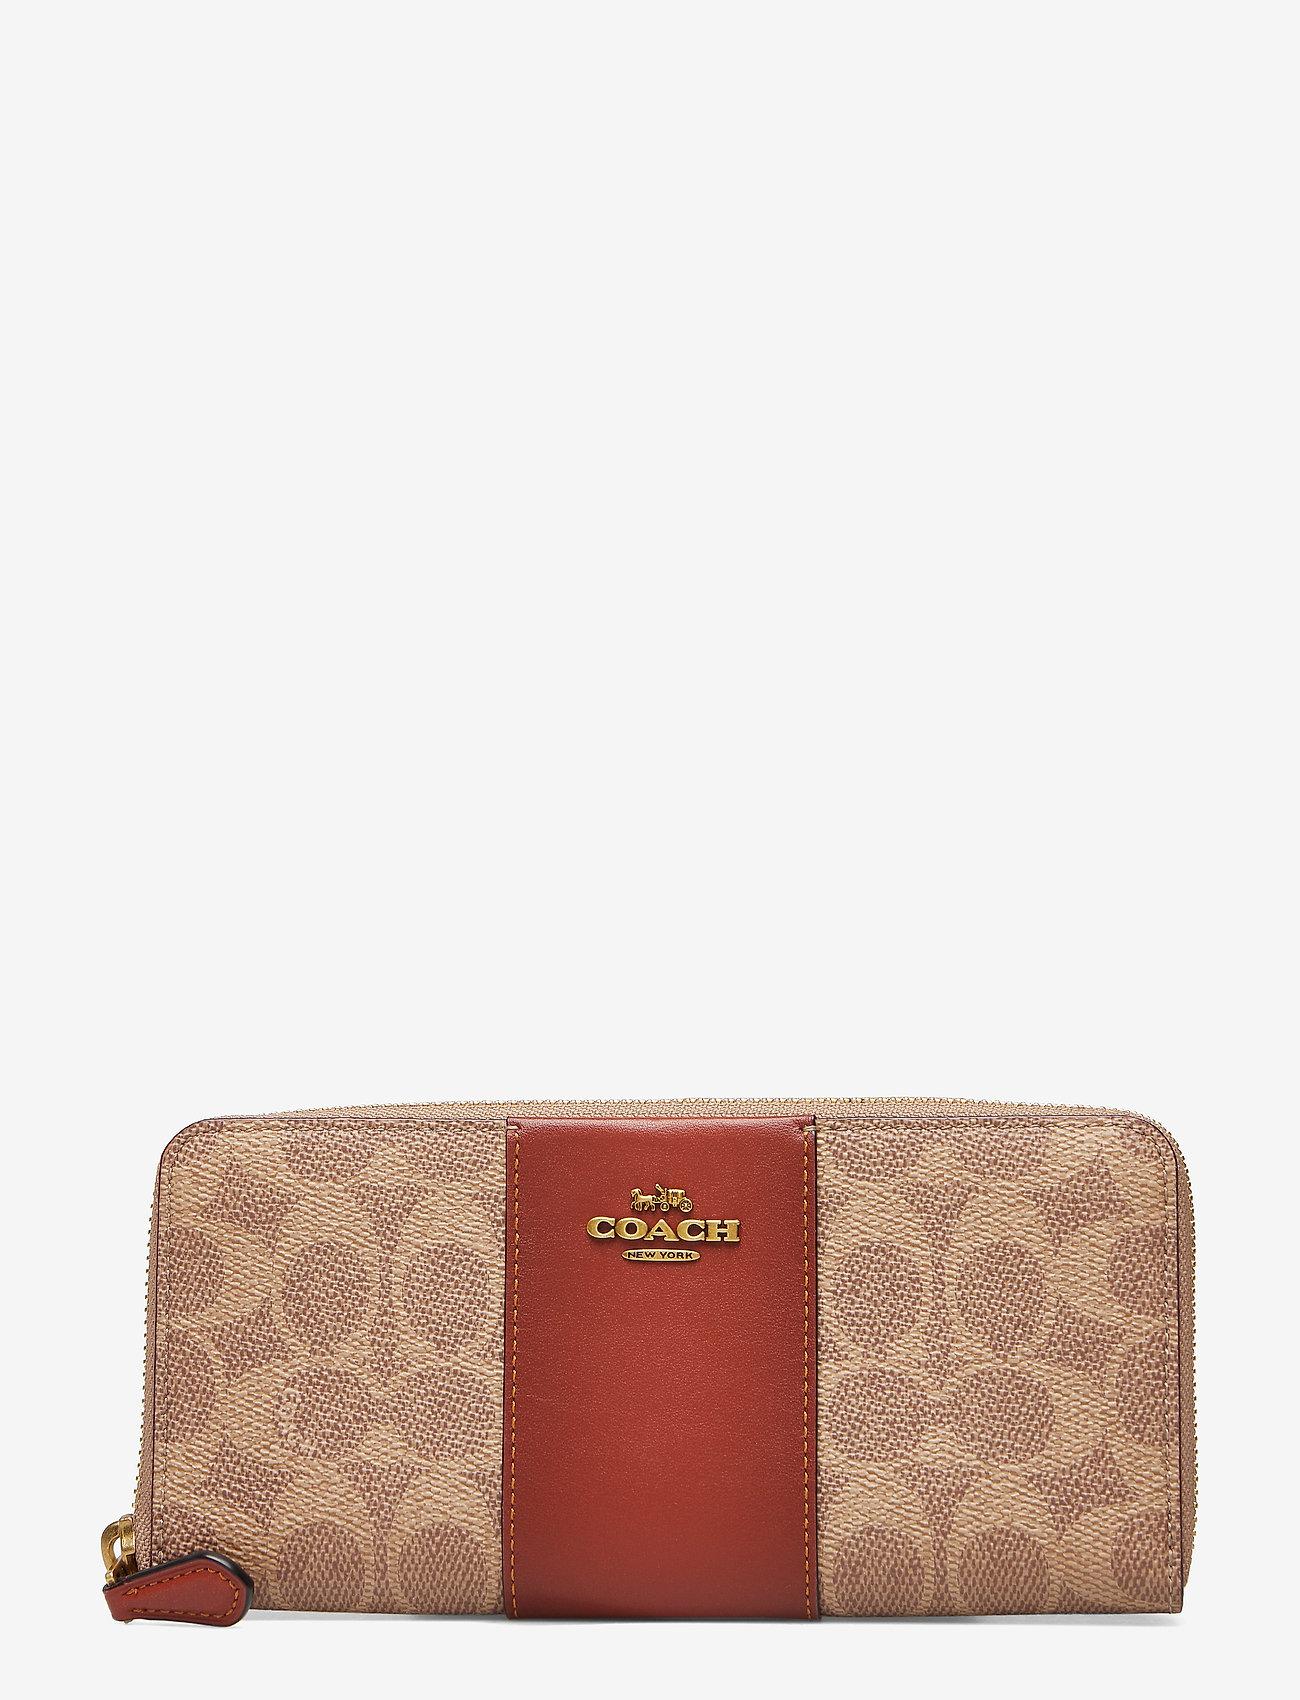 Coach - Womens Wallets Long Wallets - lompakot - b4/tan rust